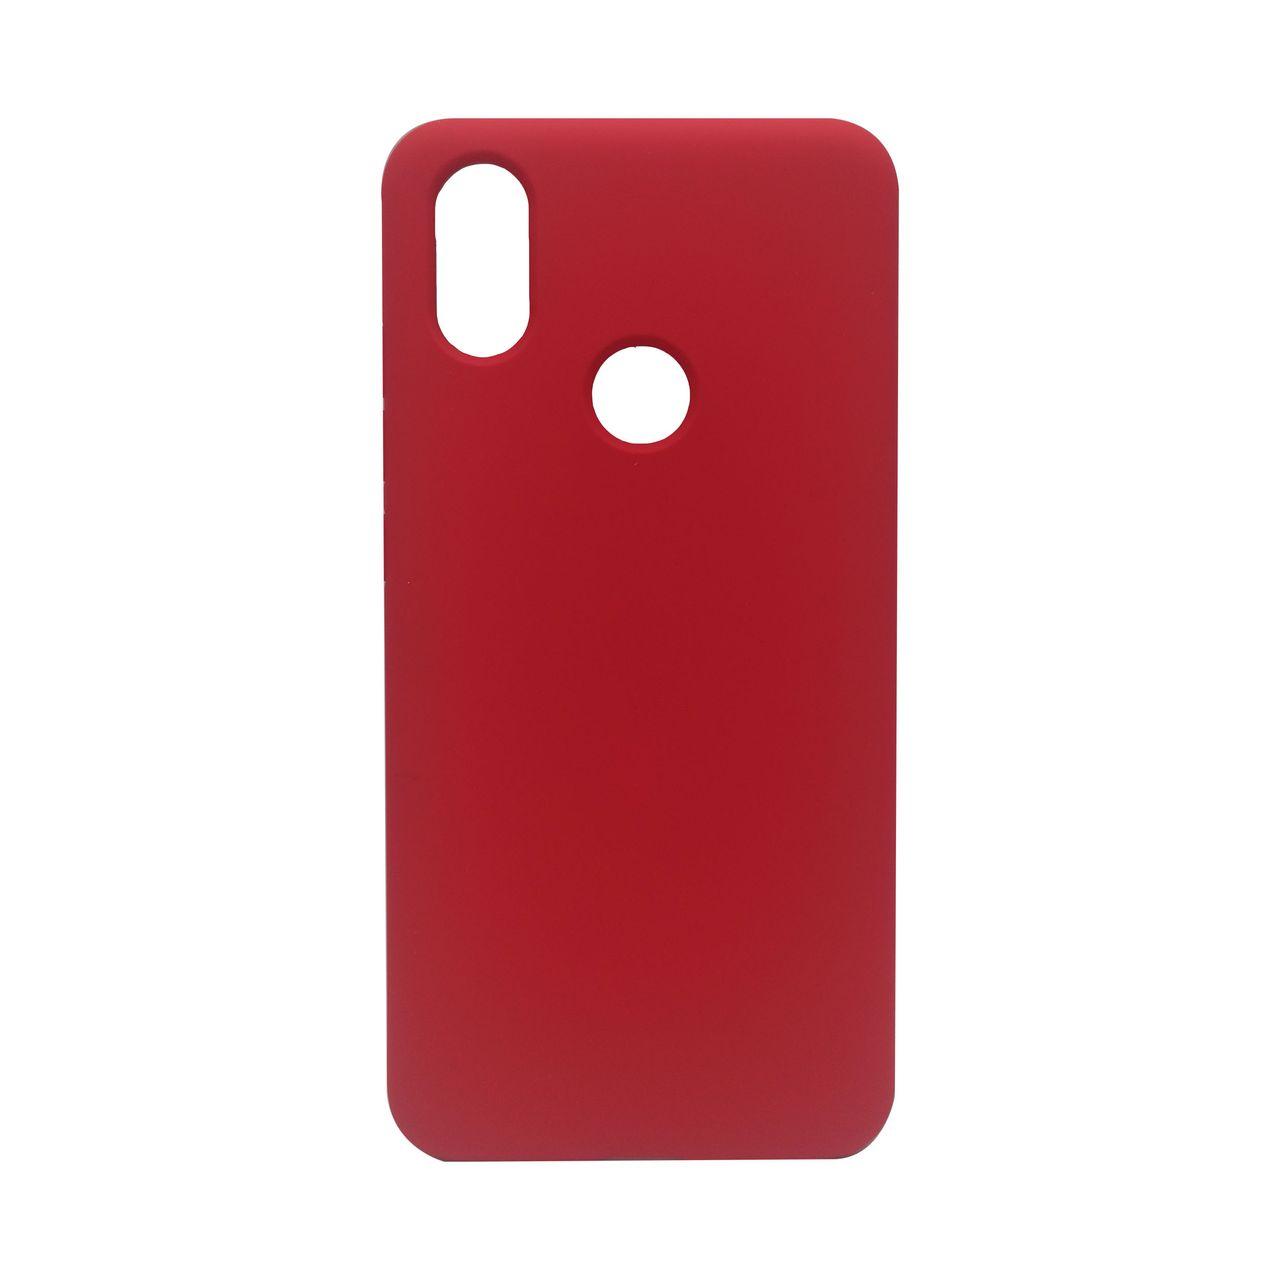 کاور مدل SICNMA02 مناسب برای گوشی موبایل شیائومی Mi A2 / 6x